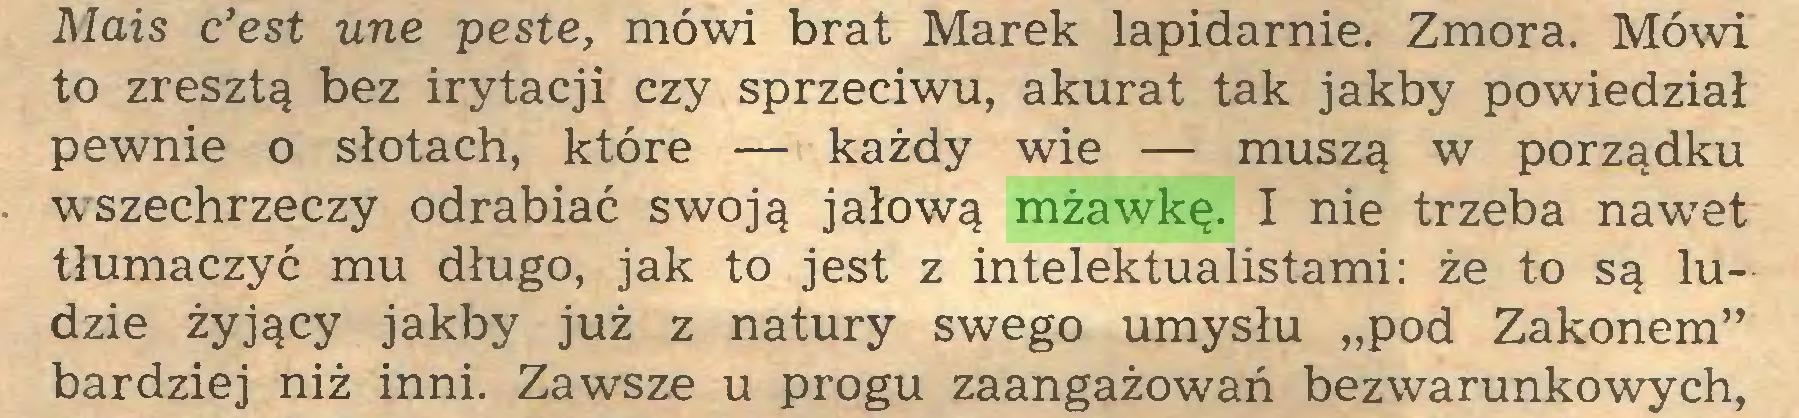 """(...) Mais c'est une peste, mówi brat Marek lapidarnie. Zmora. Mówi to zresztą bez irytacji czy sprzeciwu, akurat tak jakby powiedział pewnie o słotach, które — każdy wie — muszą w porządku wszechrzeczy odrabiać swoją jałową mżawkę. I nie trzeba nawet tłumaczyć mu długo, jak to jest z intelektualistami: że to są ludzie żyjący jakby już z natury swego umysłu """"pod Zakonem"""" bardziej niż inni. Zawsze u progu zaangażowań bezwarunkowych,..."""